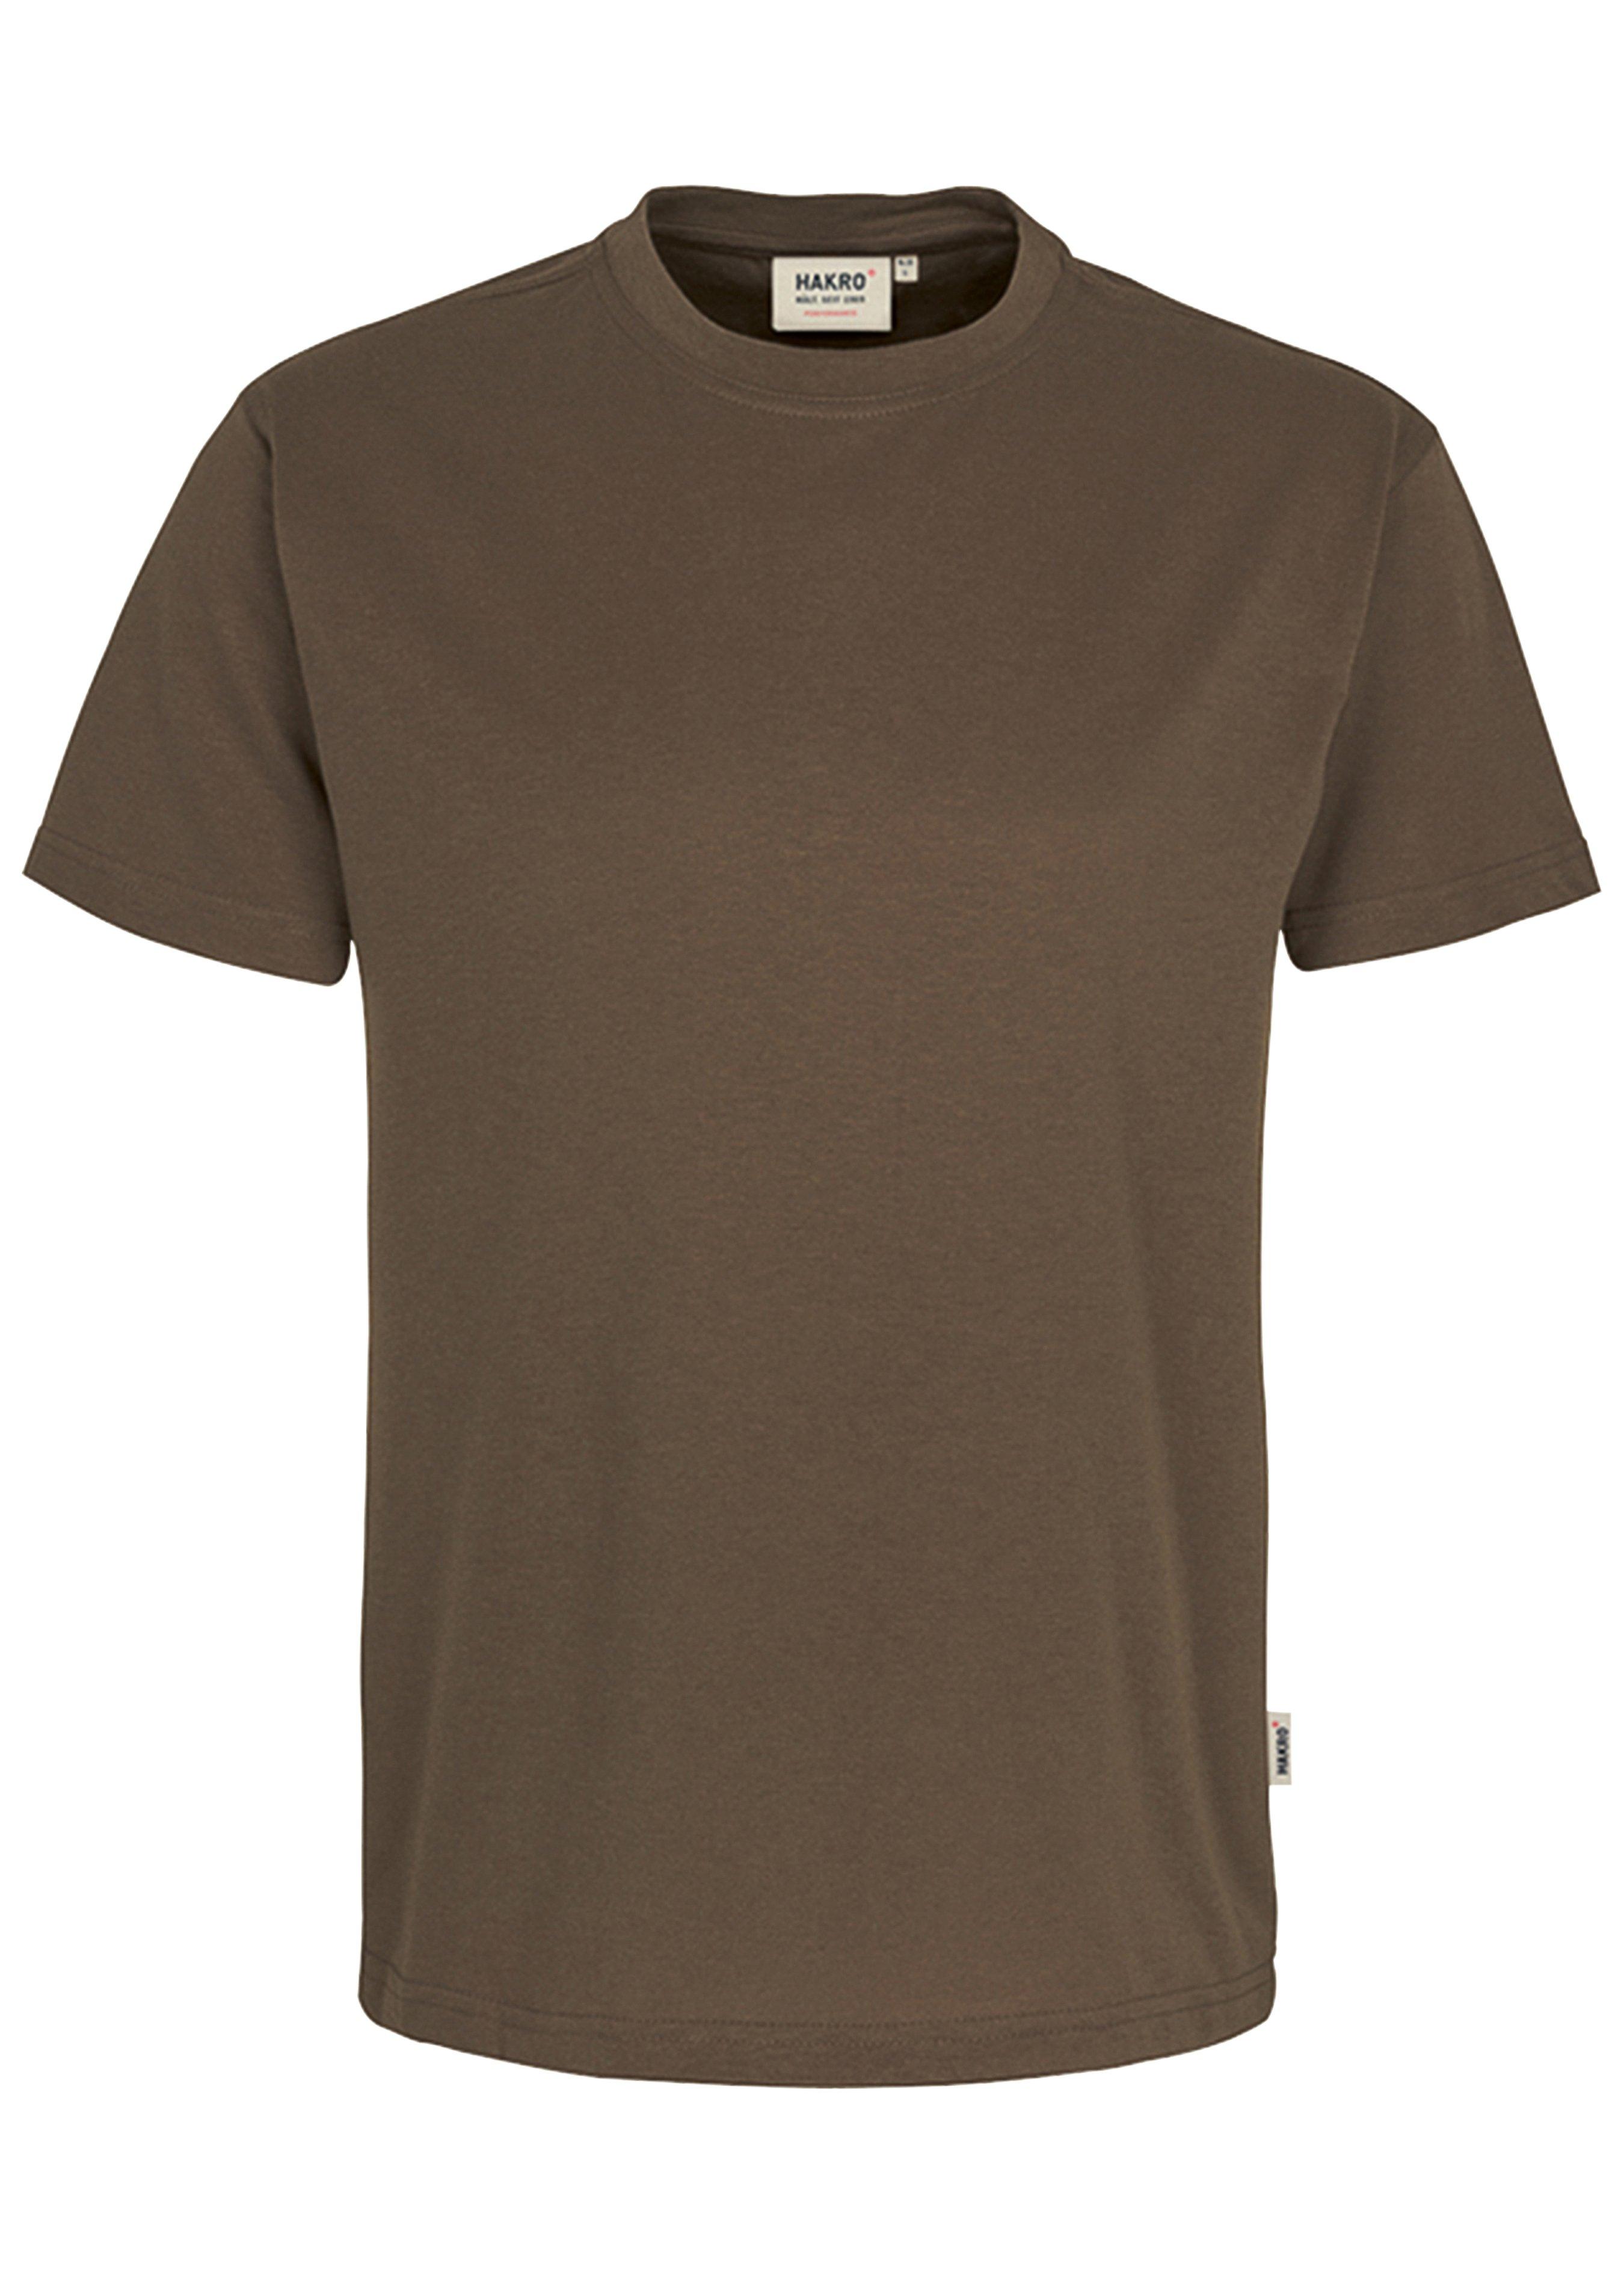 Hakro T-Shirt mit Rundhals in 10 Farben 200040L 1